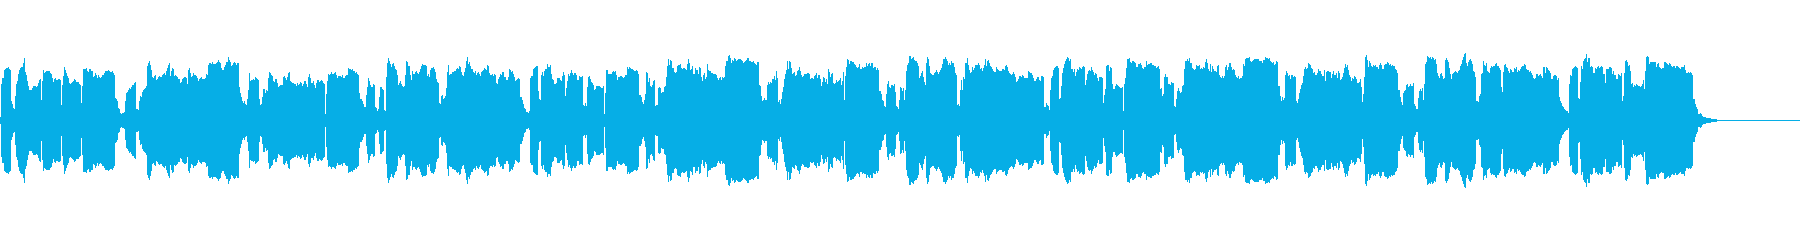 ハッピーバースデー【リコーダーアレンジ】の再生済みの波形